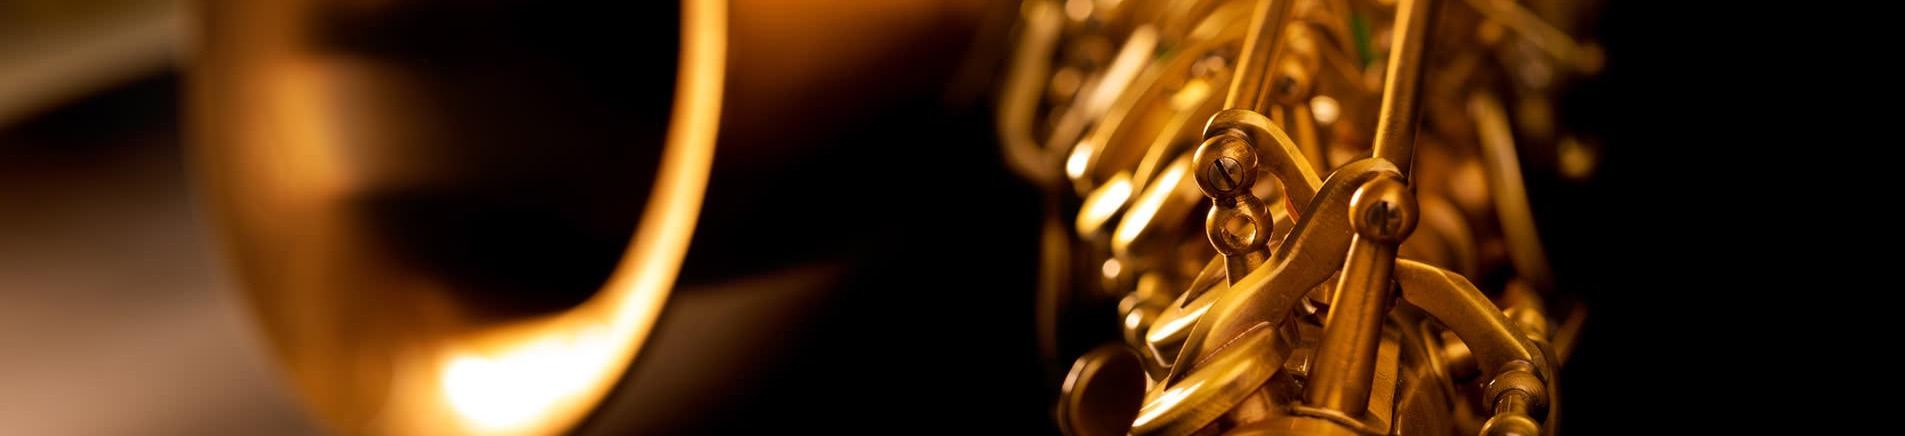 Saxofoonimpressie